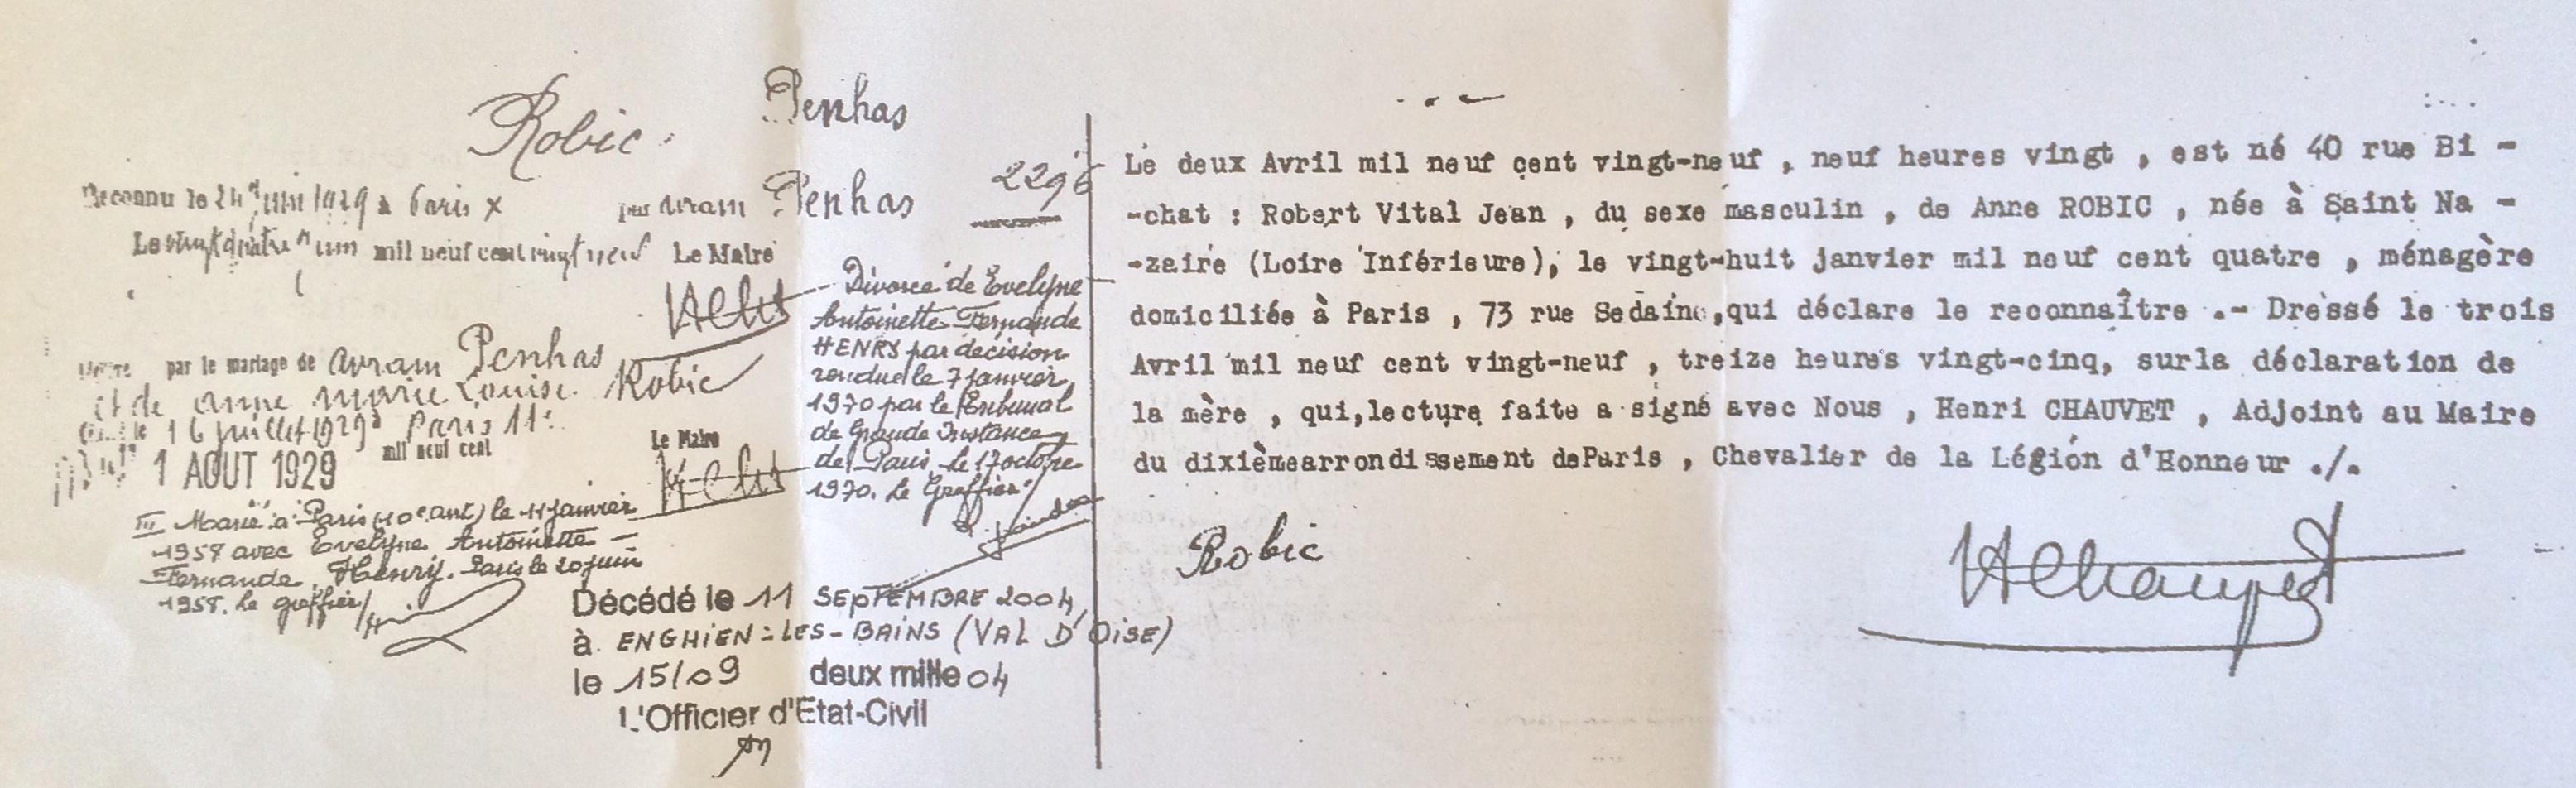 Acte de naissance de Robert PENHAS [Archives Ville de Paris, Etat Civil]